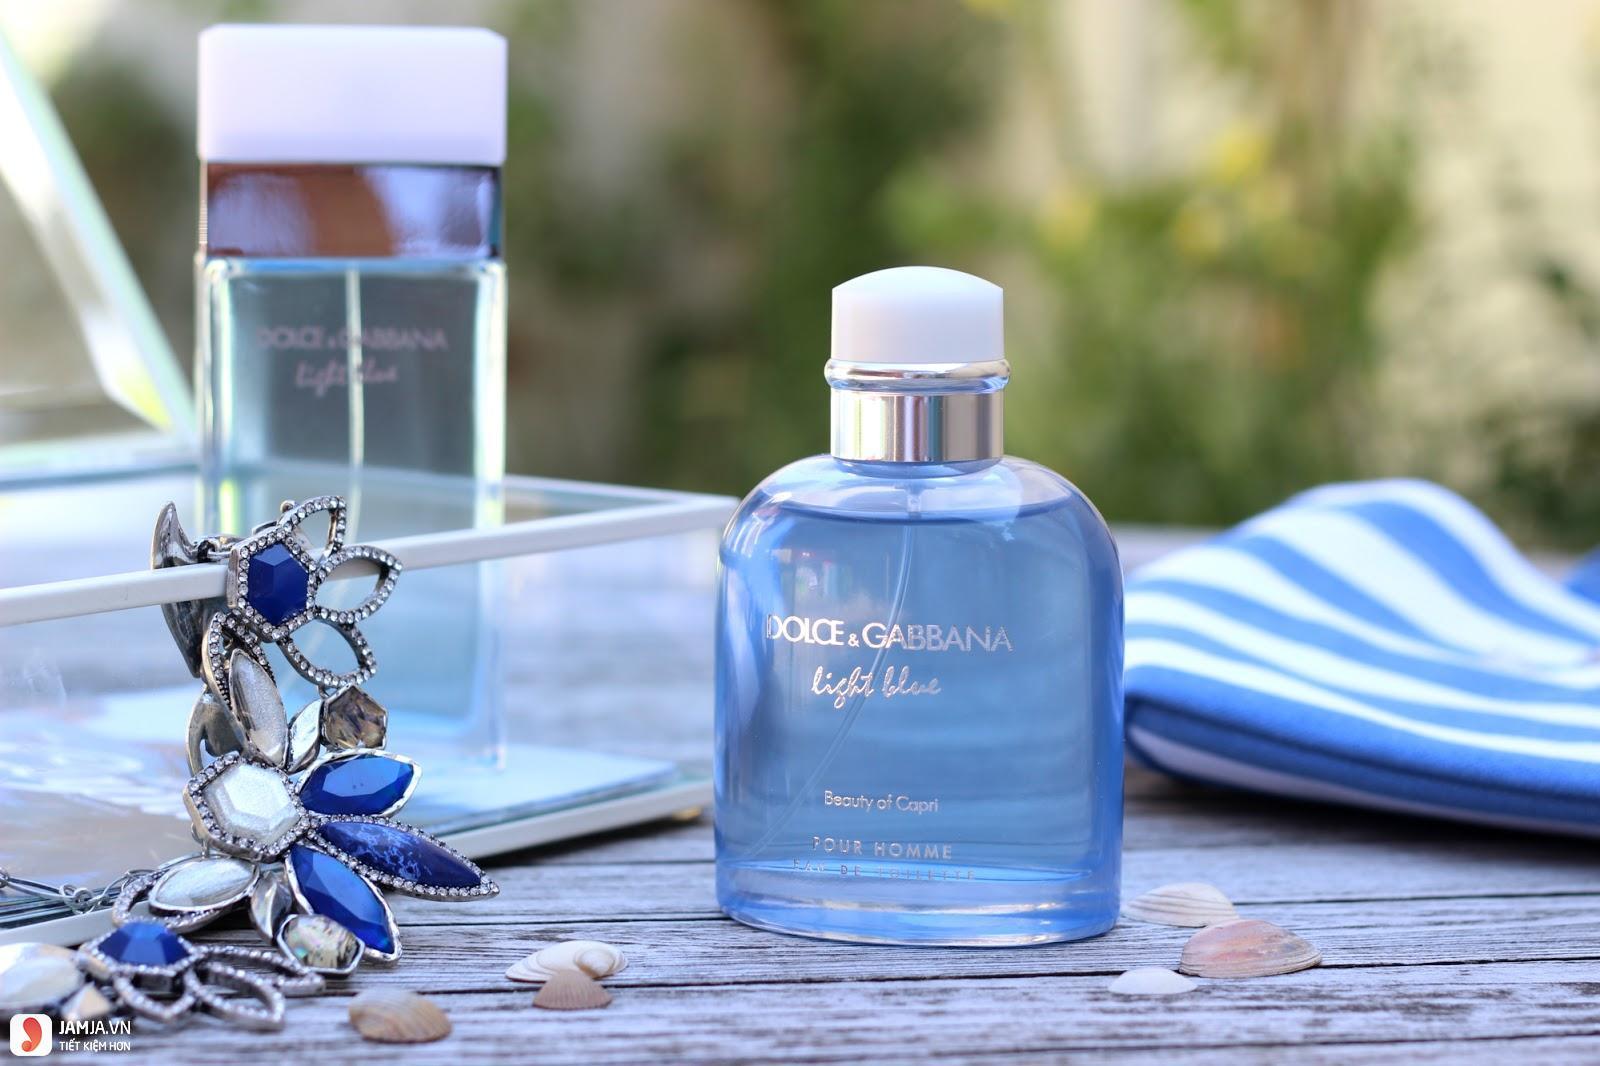 Dolce & Gabbana Light Blue dành cho nam 2